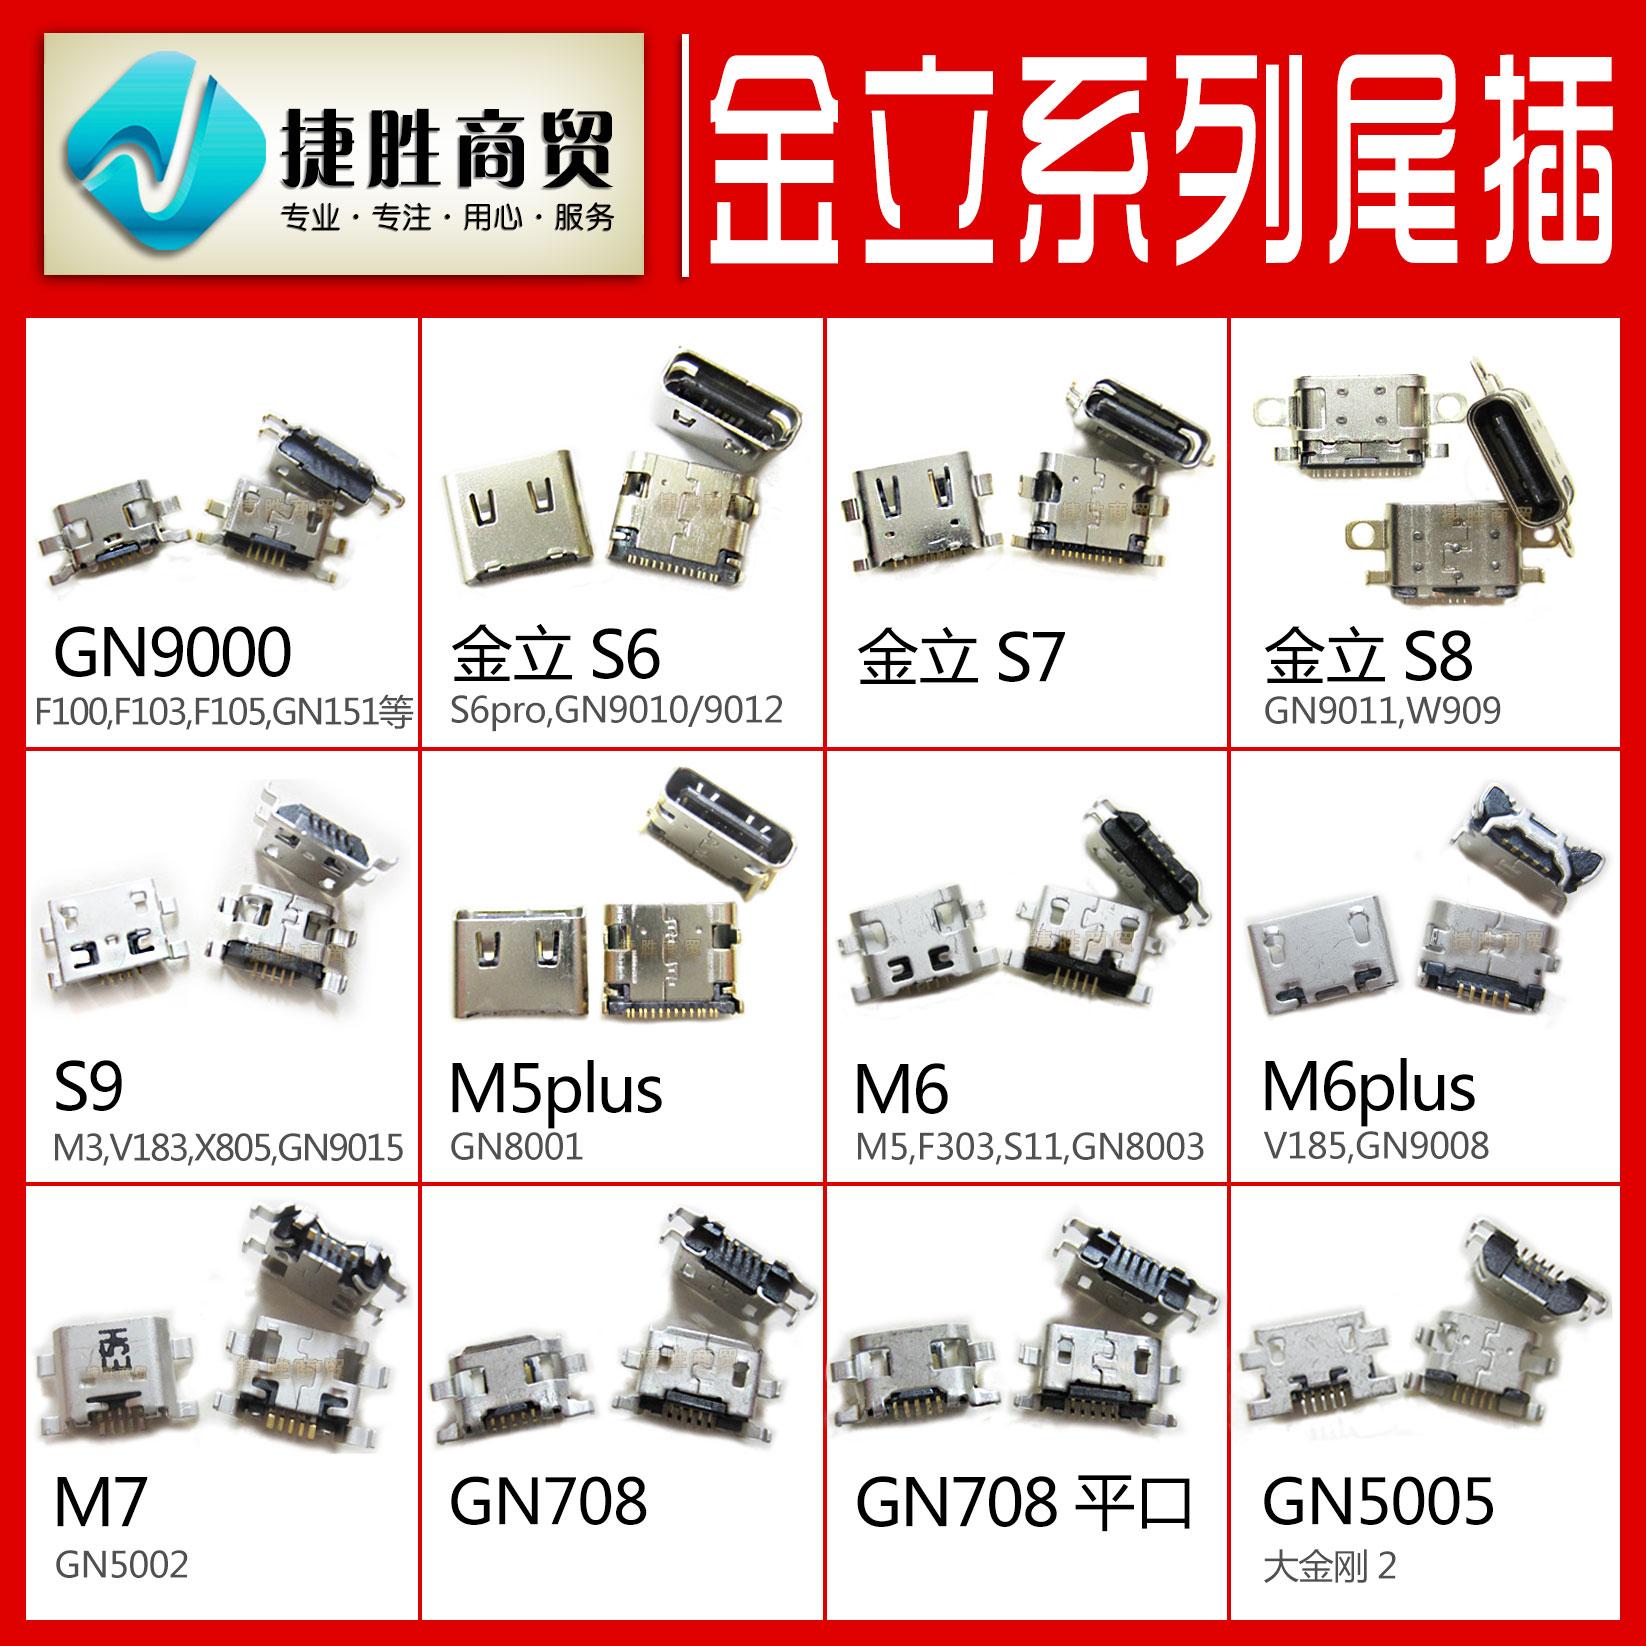 国产V8口尾插  智能手机尾插  通用安卓尾插常用USB充电尾插接口